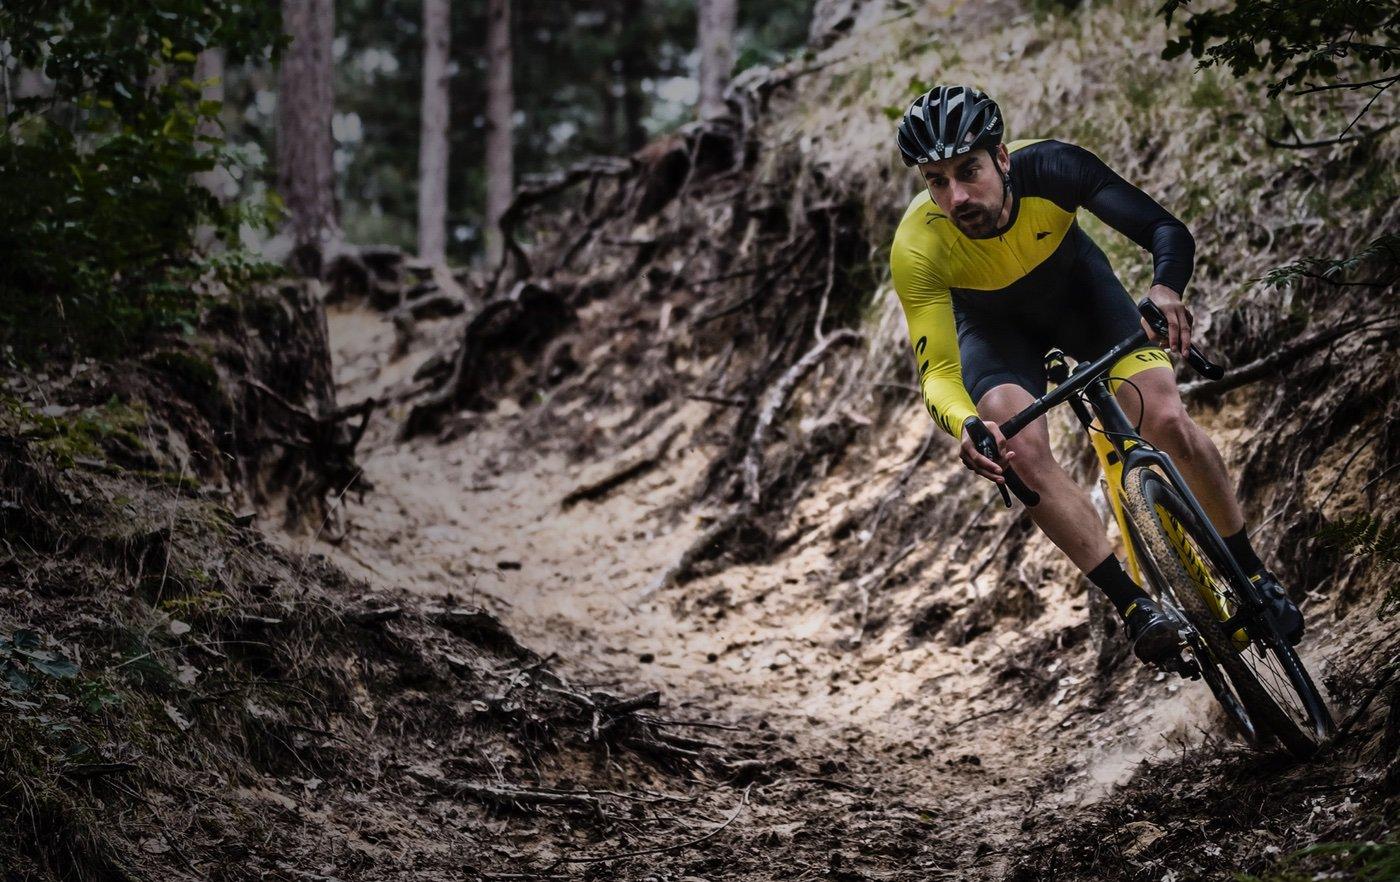 Nuevos modelos para la gama Canyon Inflite de ciclocross